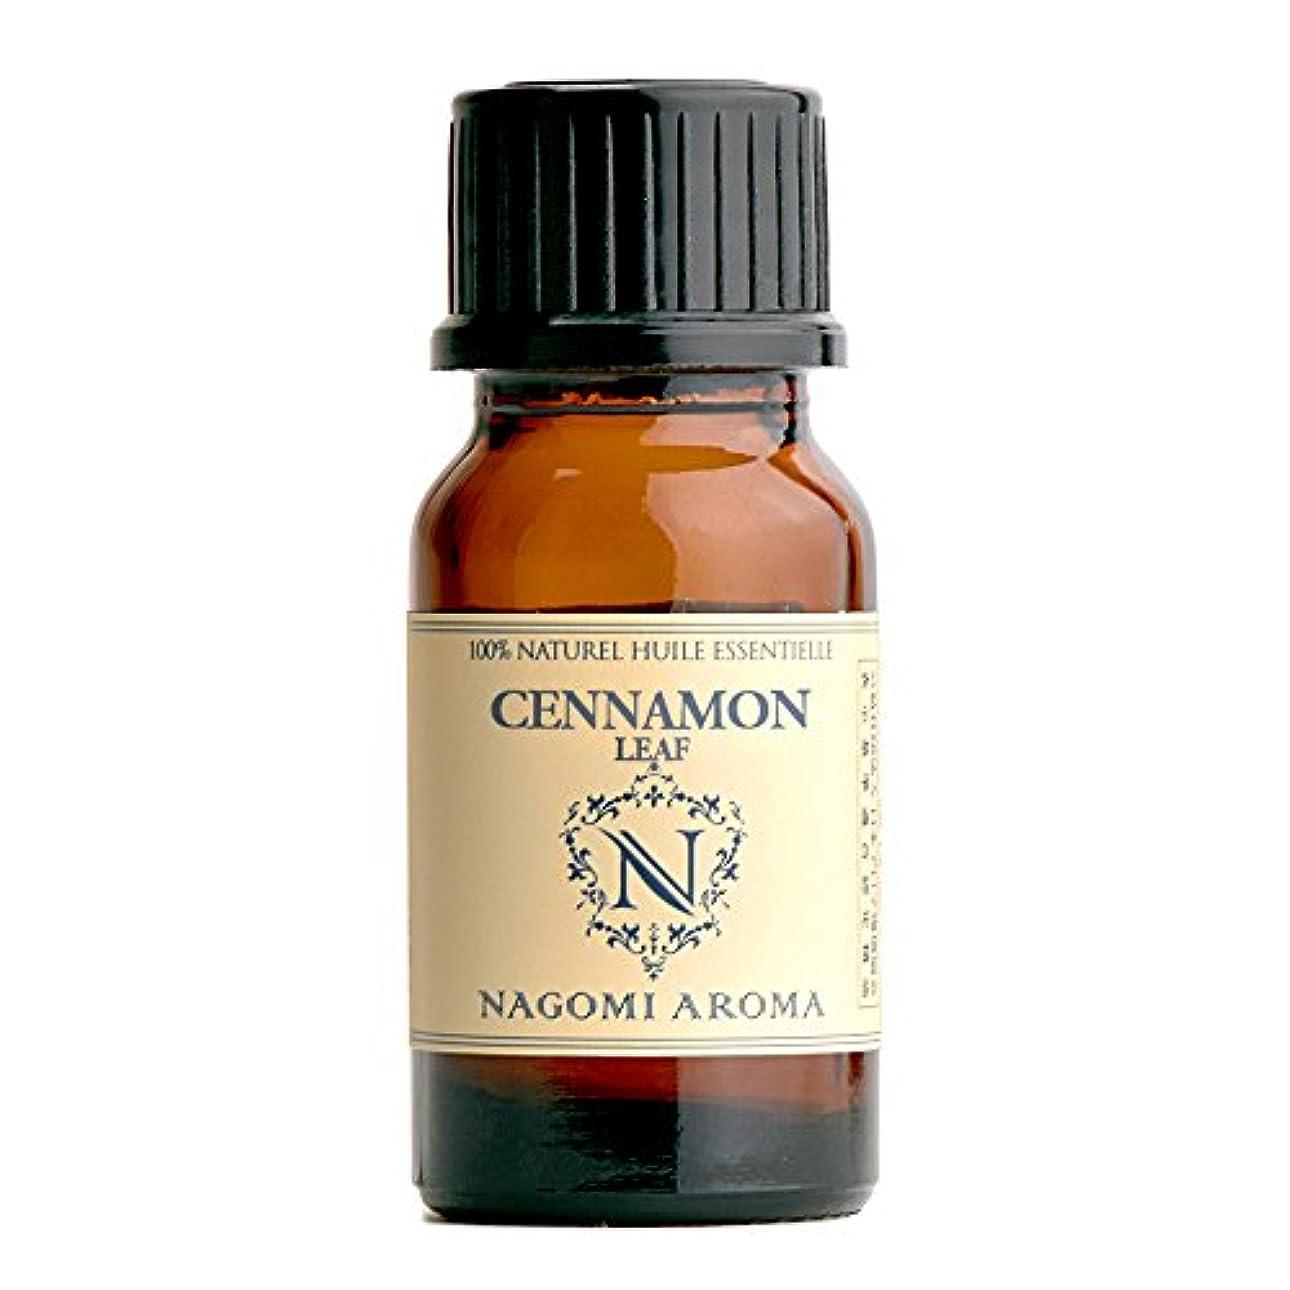 パトワ致命的な欠点NAGOMI AROMA シナモンリーフ 10ml 【AEAJ認定精油】【アロマオイル】